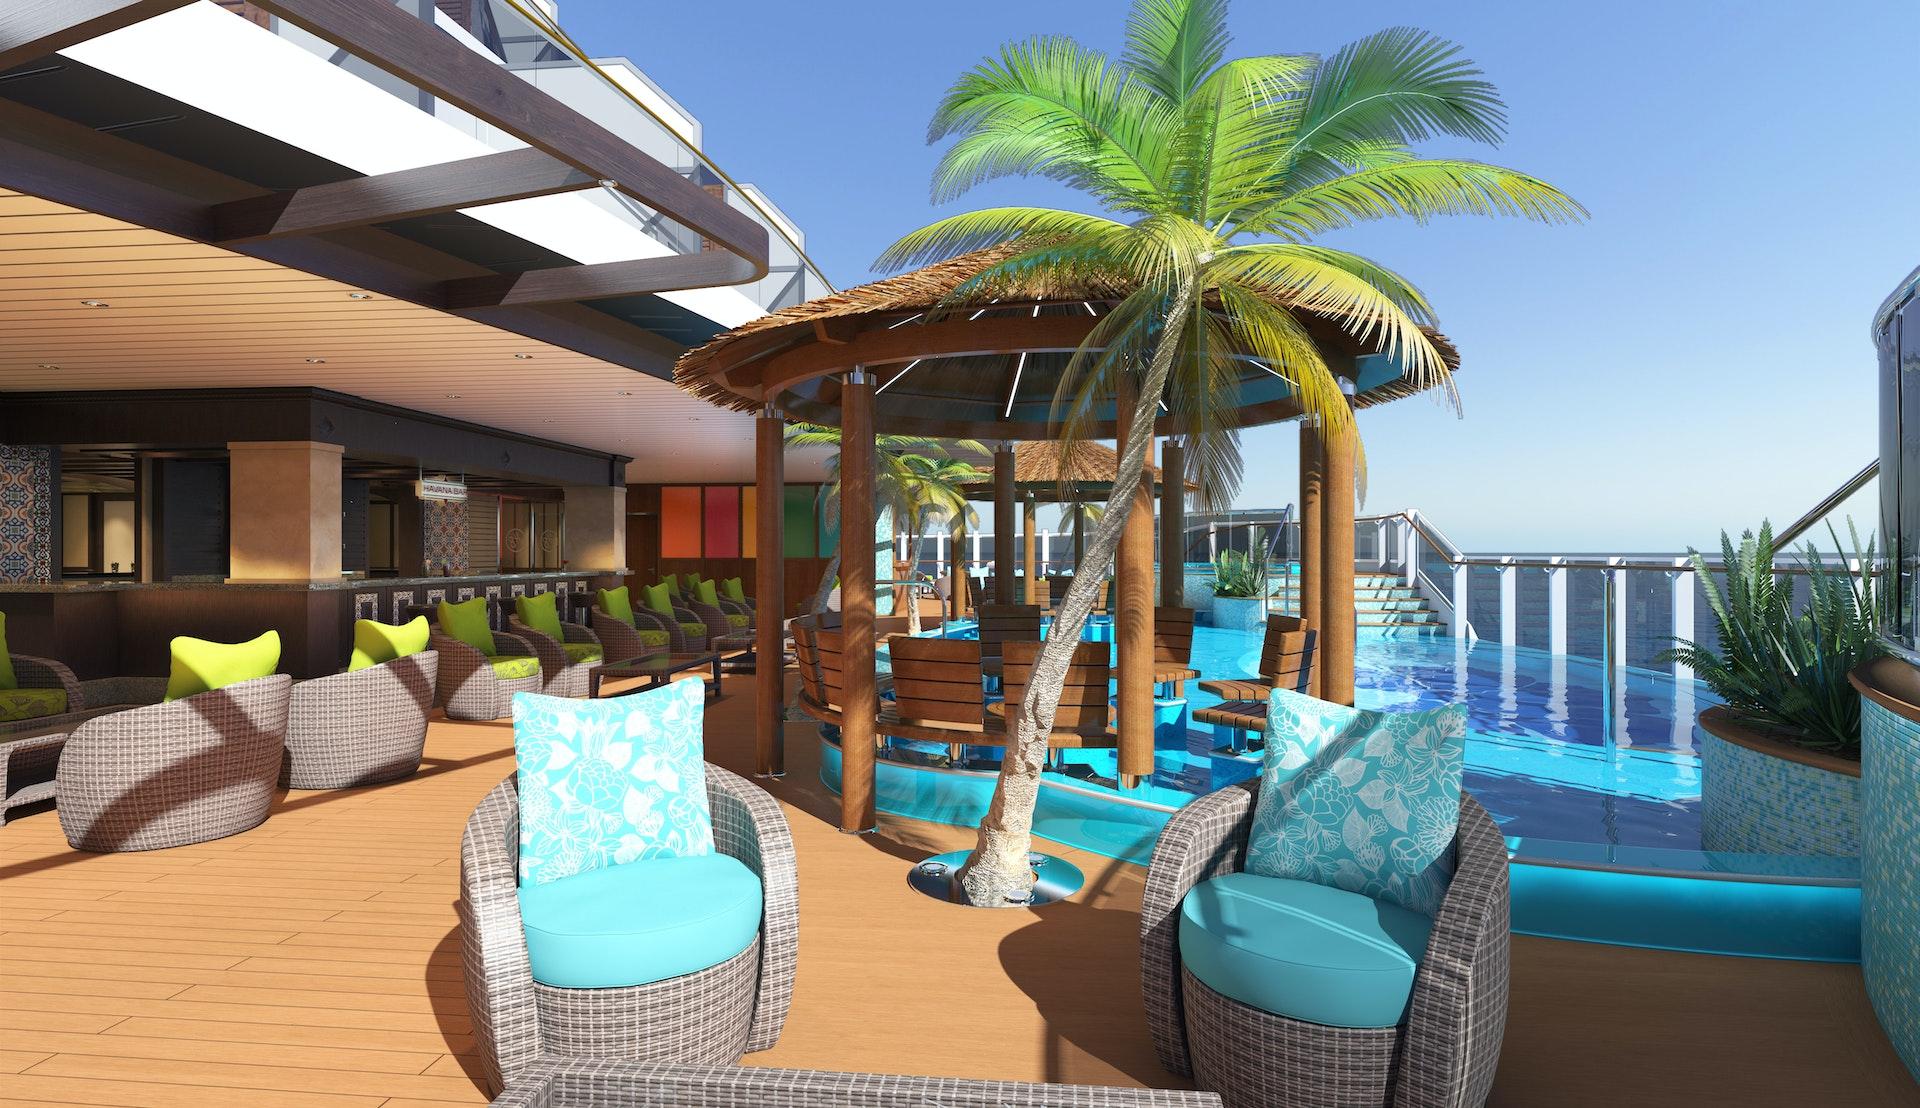 Bild på fartyget Carnival Horizon's pooldäck med palm, solstolar och en pool.